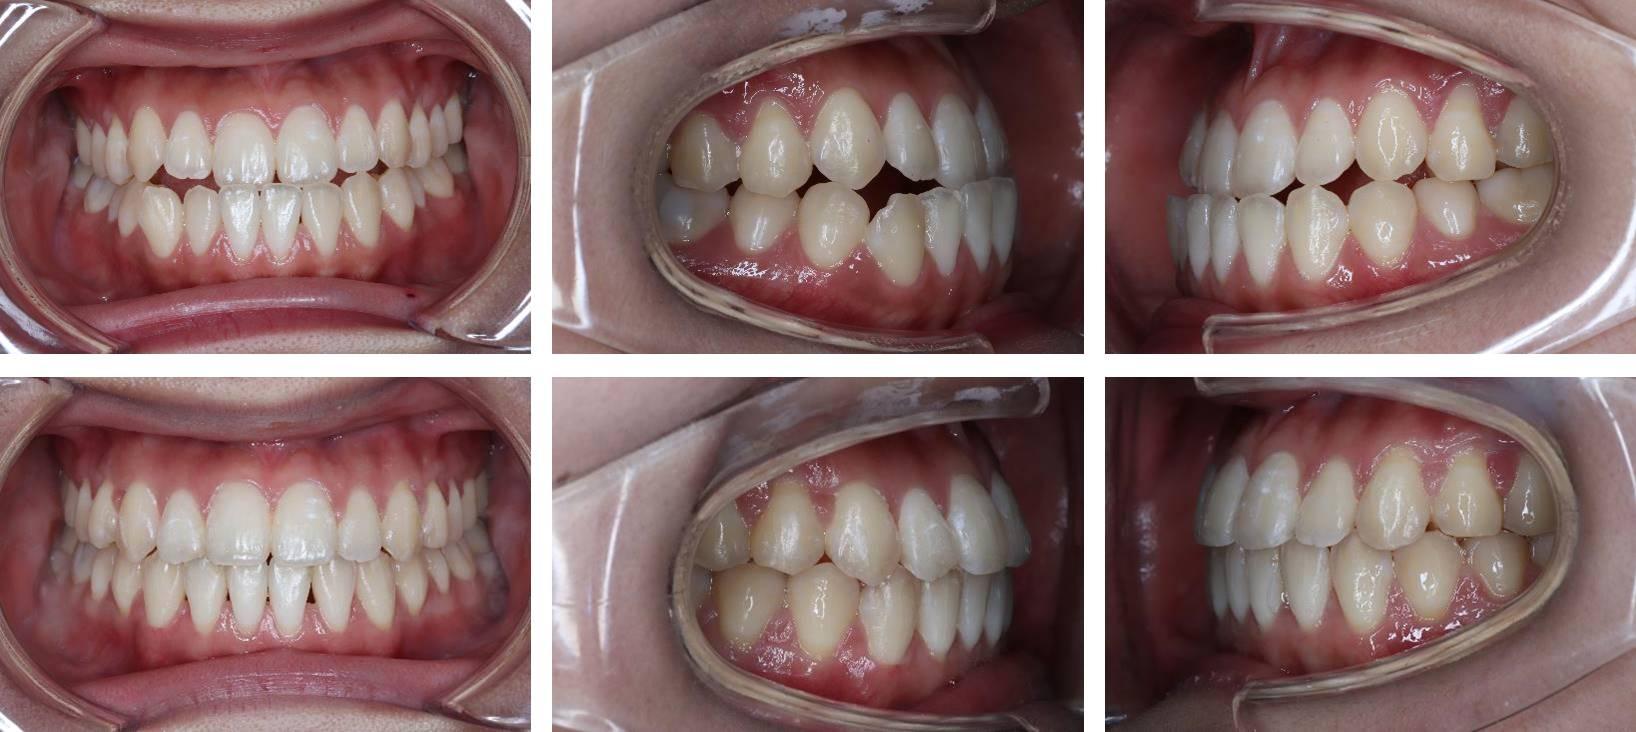 反対咬合の矯正治療例(10代女性 治療期間1年3ヶ月)